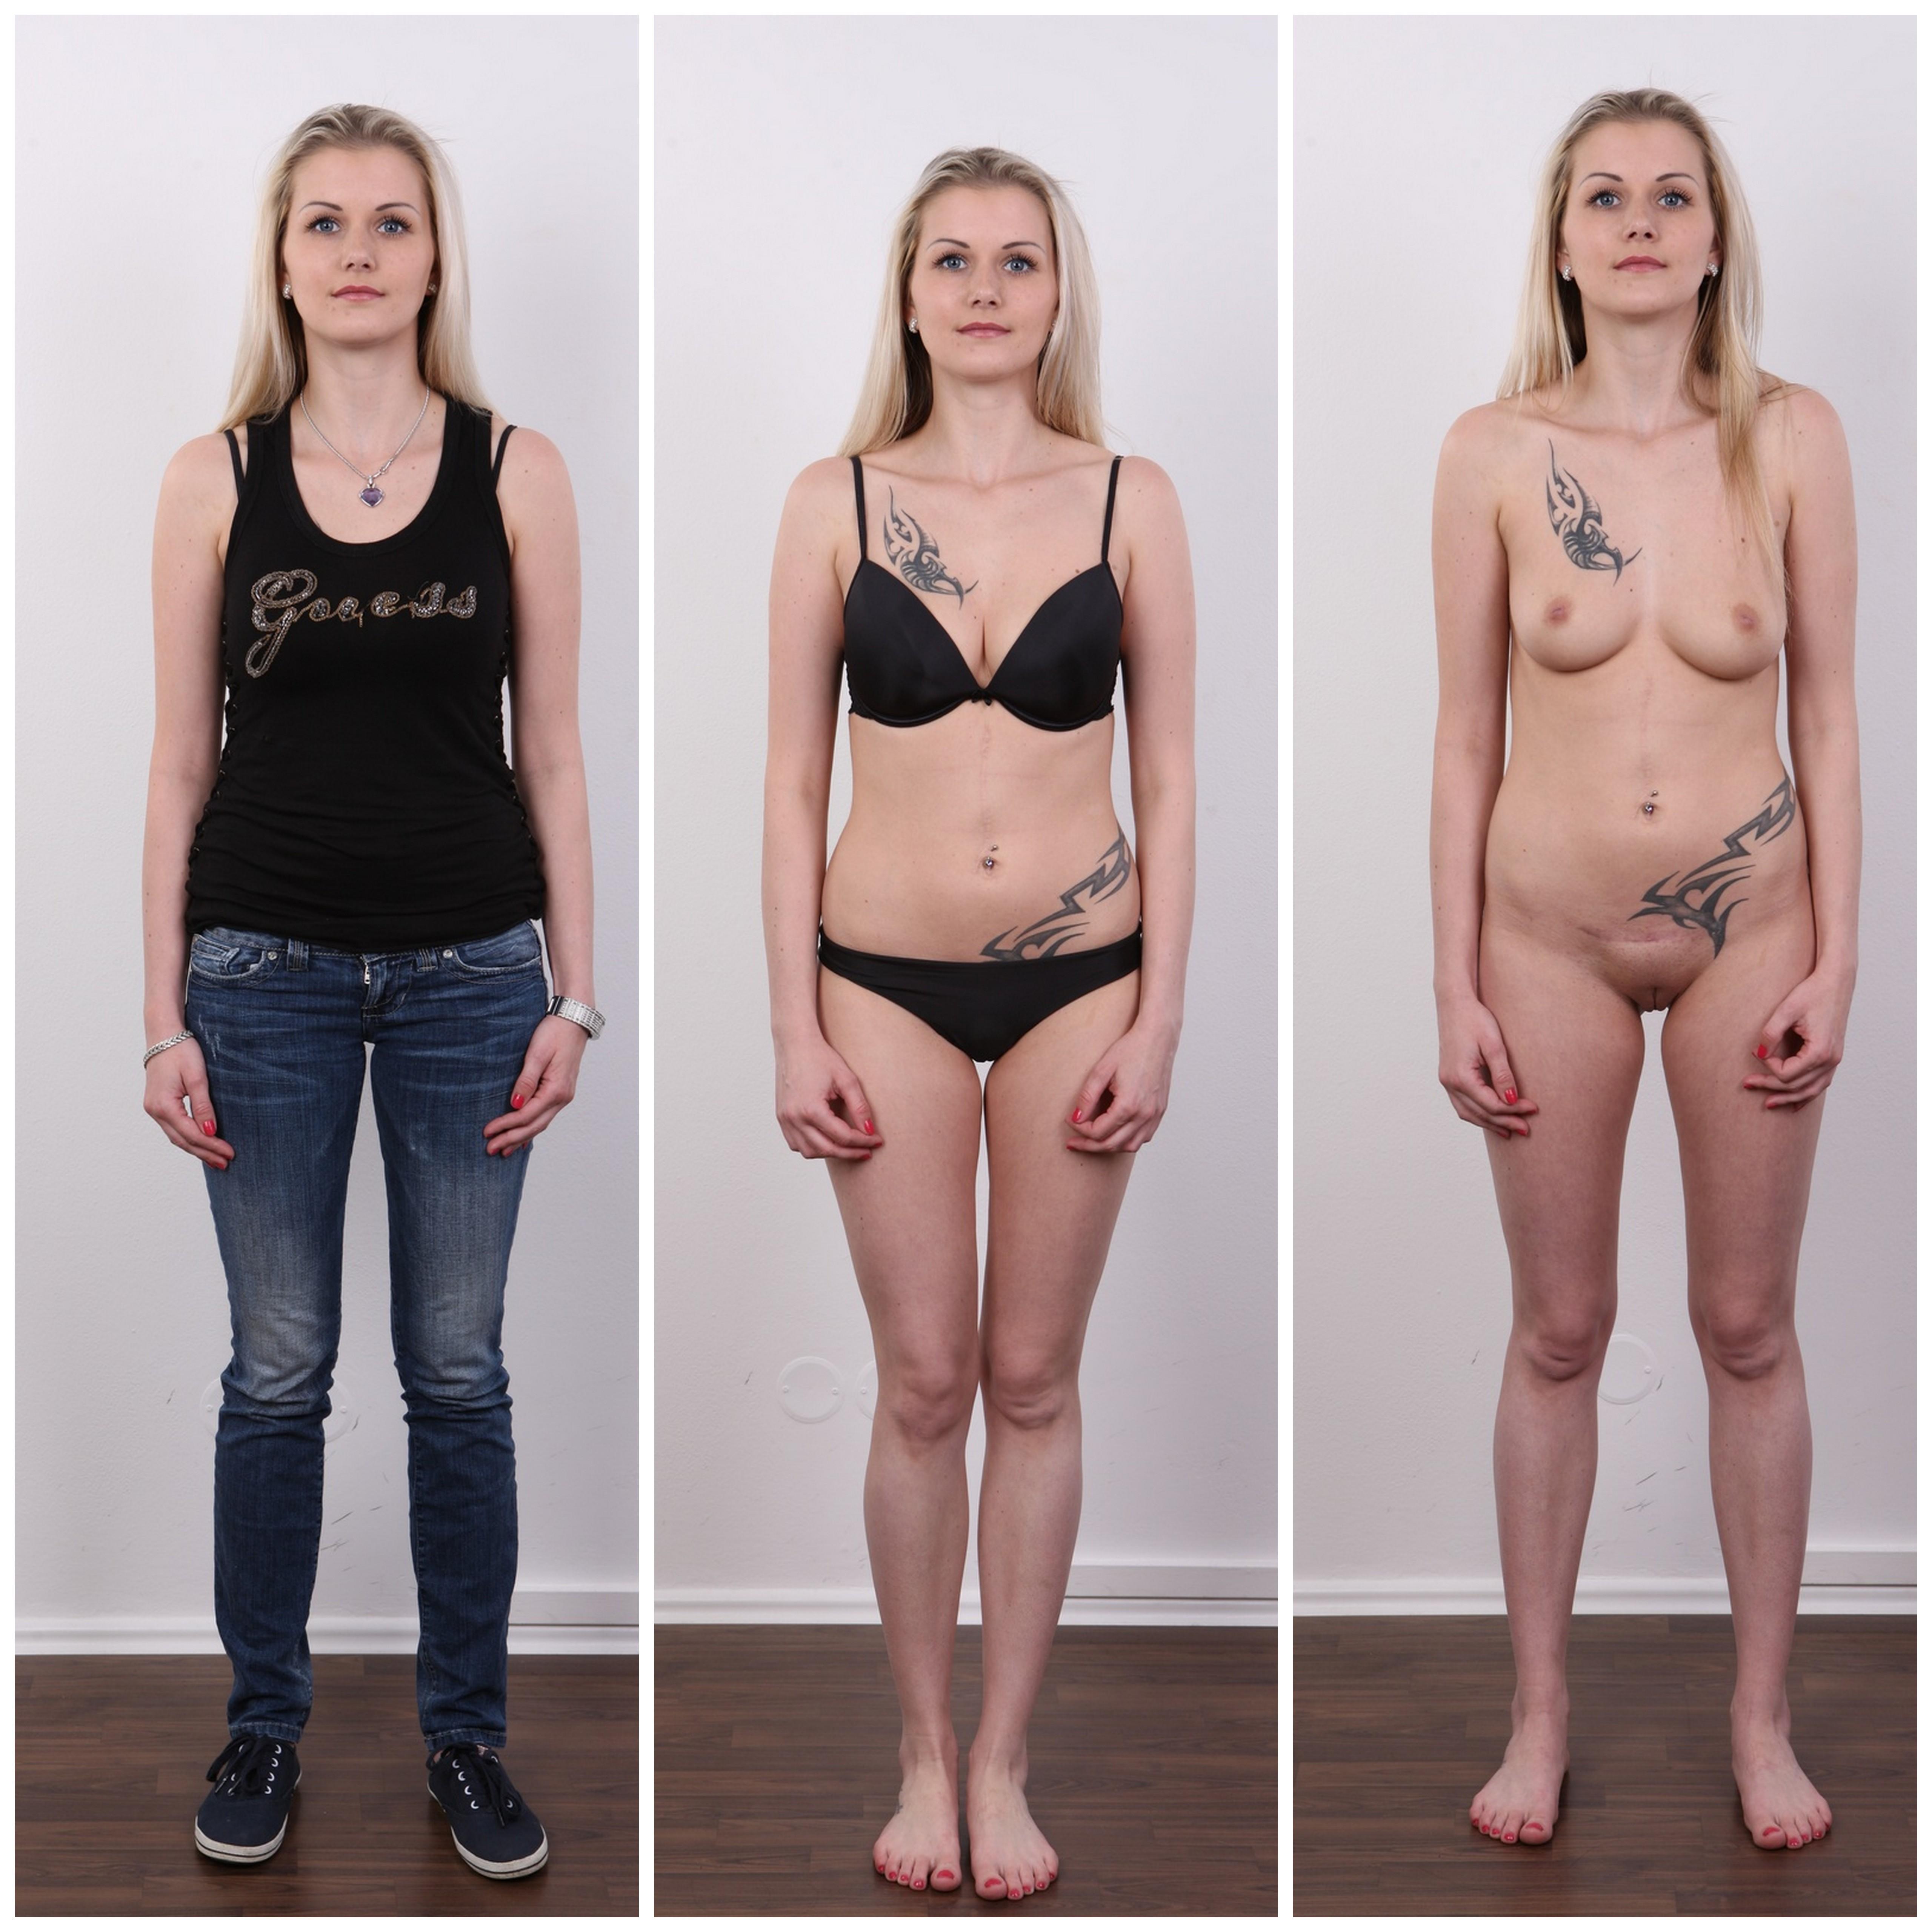 nigro hard sex images